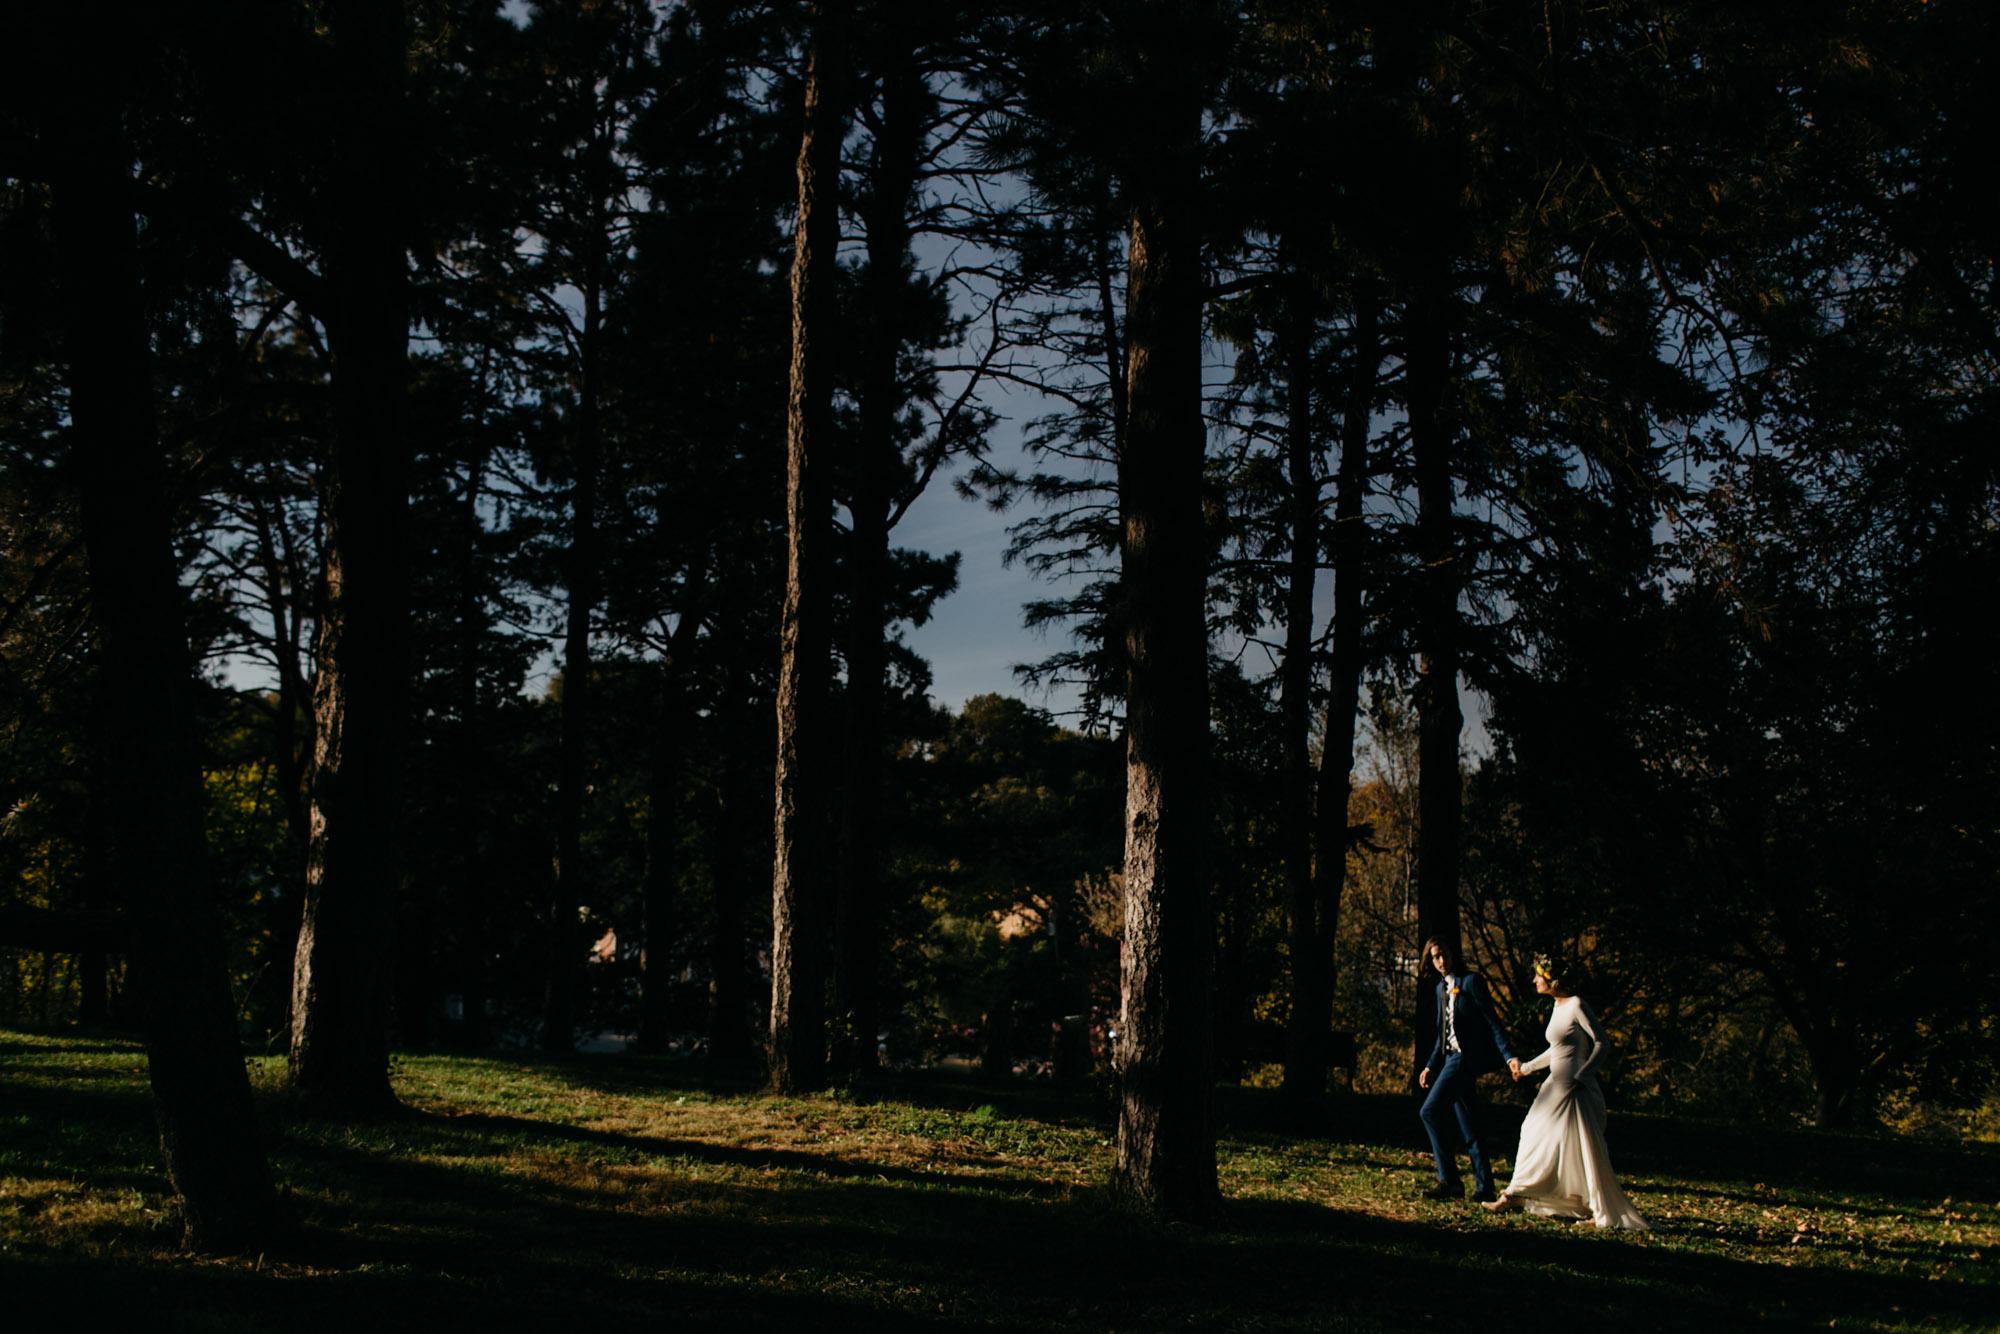 omaha-elopement-photographer-33.jpg